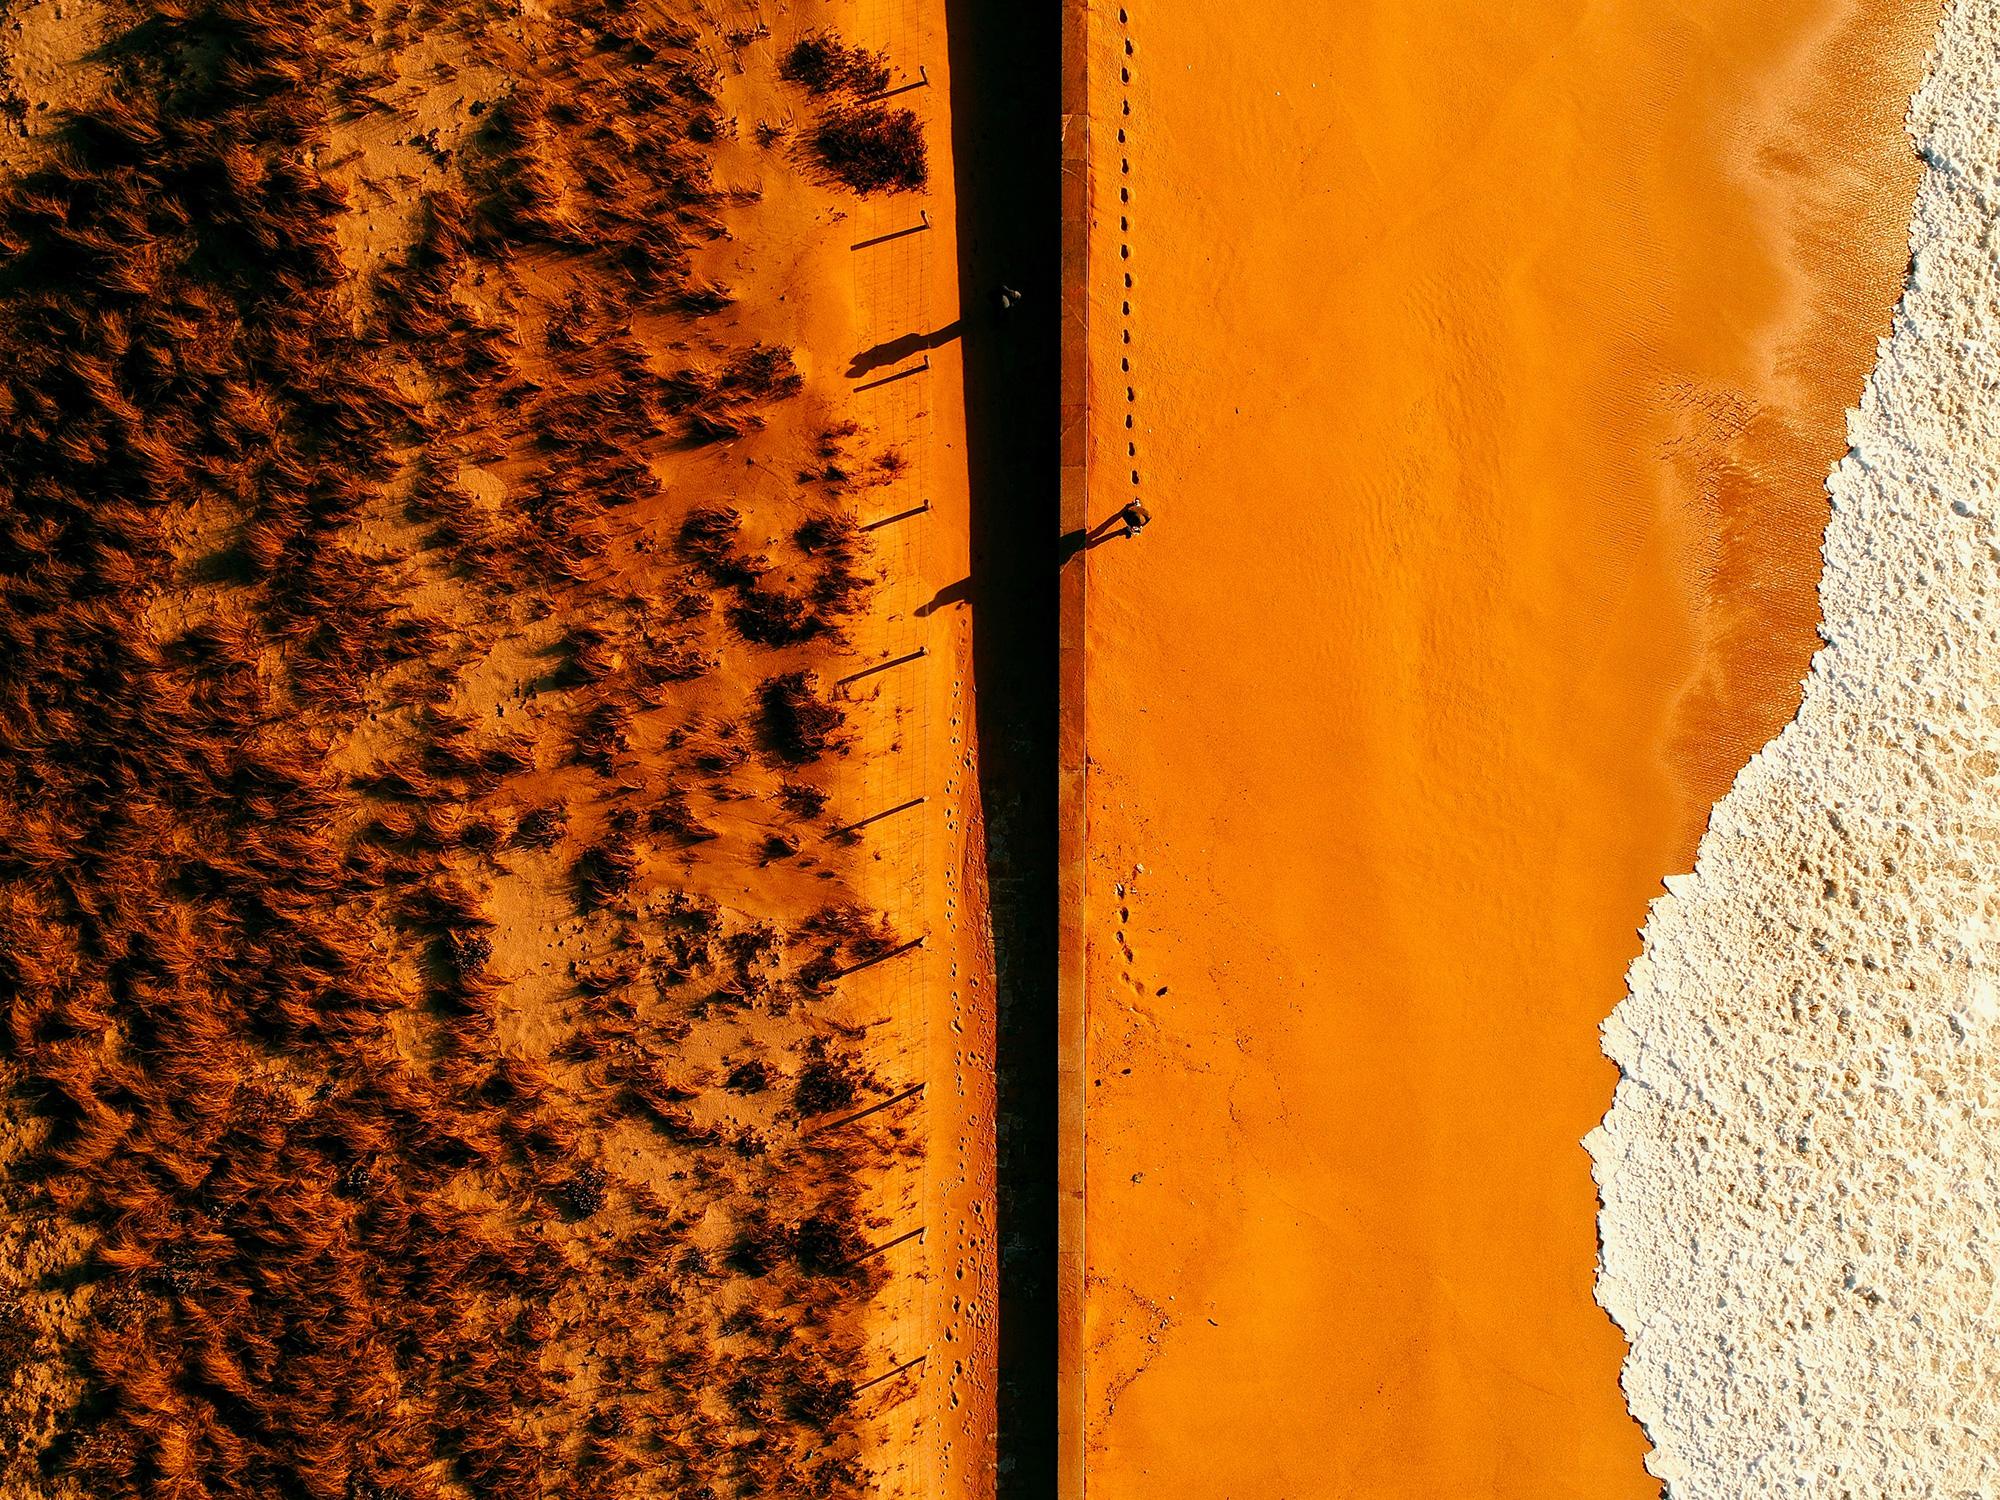 El Libro Amarillo Tendencias de Color Primavera 2021 Mandarina vista aérea de la playa con luz naranja